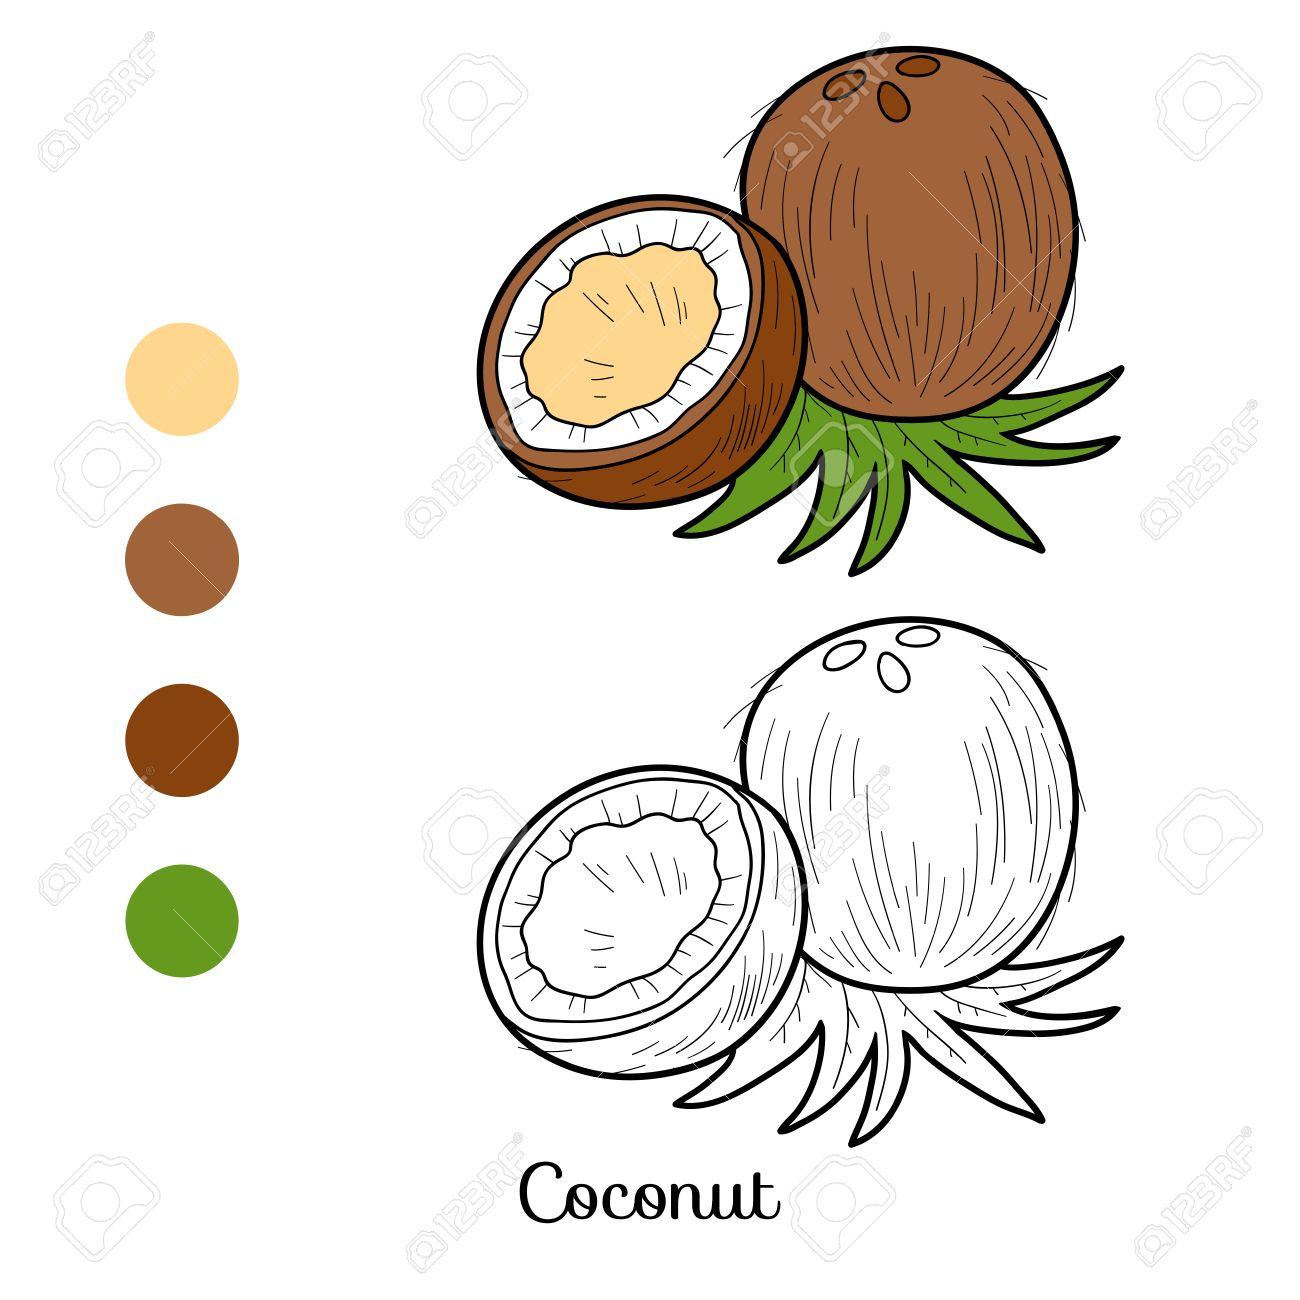 Libro Para Colorear Para Niños: Frutas Y Vegetales (coco ...